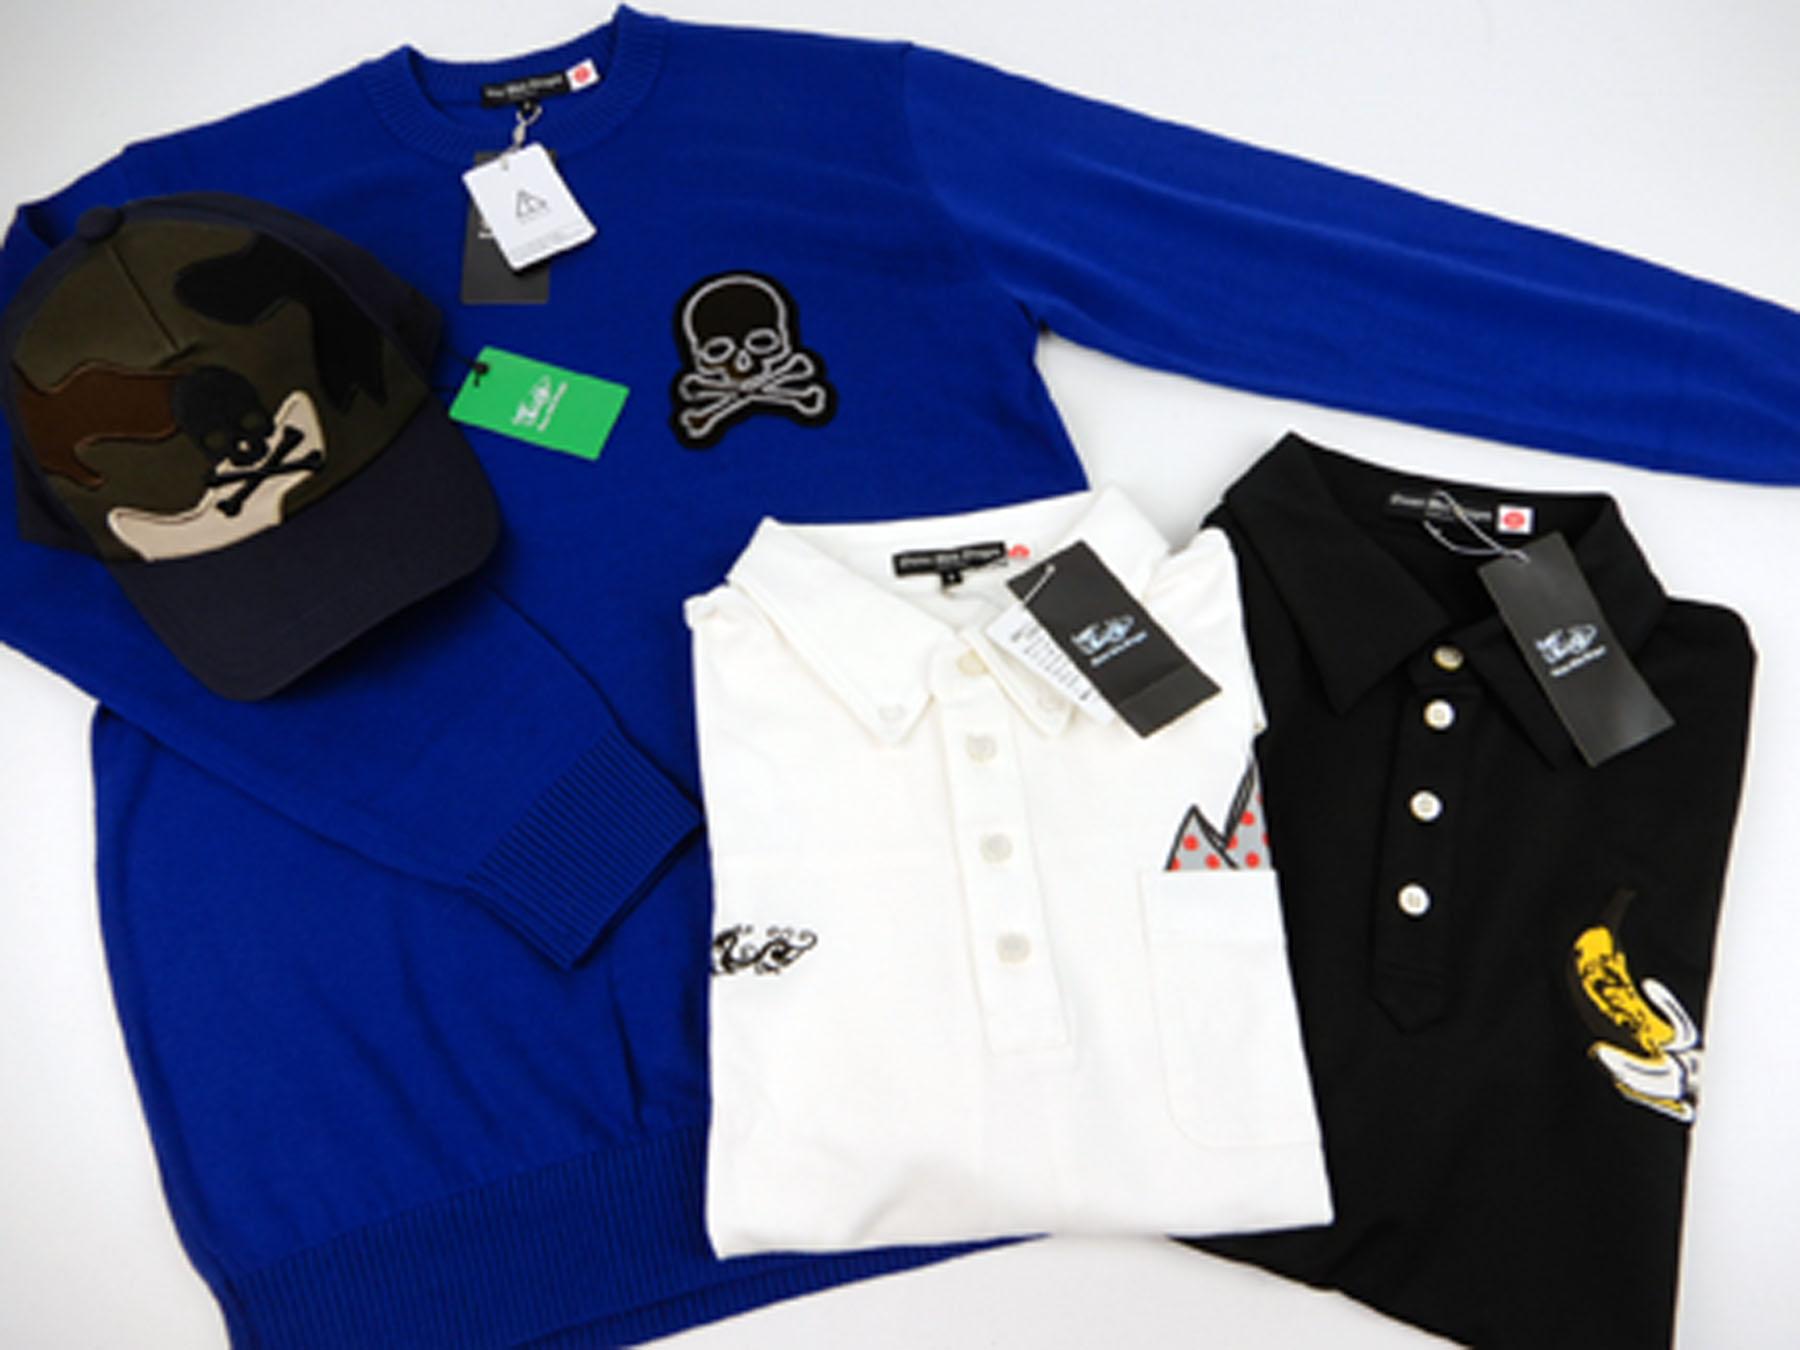 ダンスウィズドラゴン(DANCE WITH DRAGON)のゴルフウェアの買取りです。詳細は、セーター(青:スカルロゴ)とキャップ(カモフラ&スカル)と半袖ポロシャツ(白)と半袖ポロシャツ(黒)です。